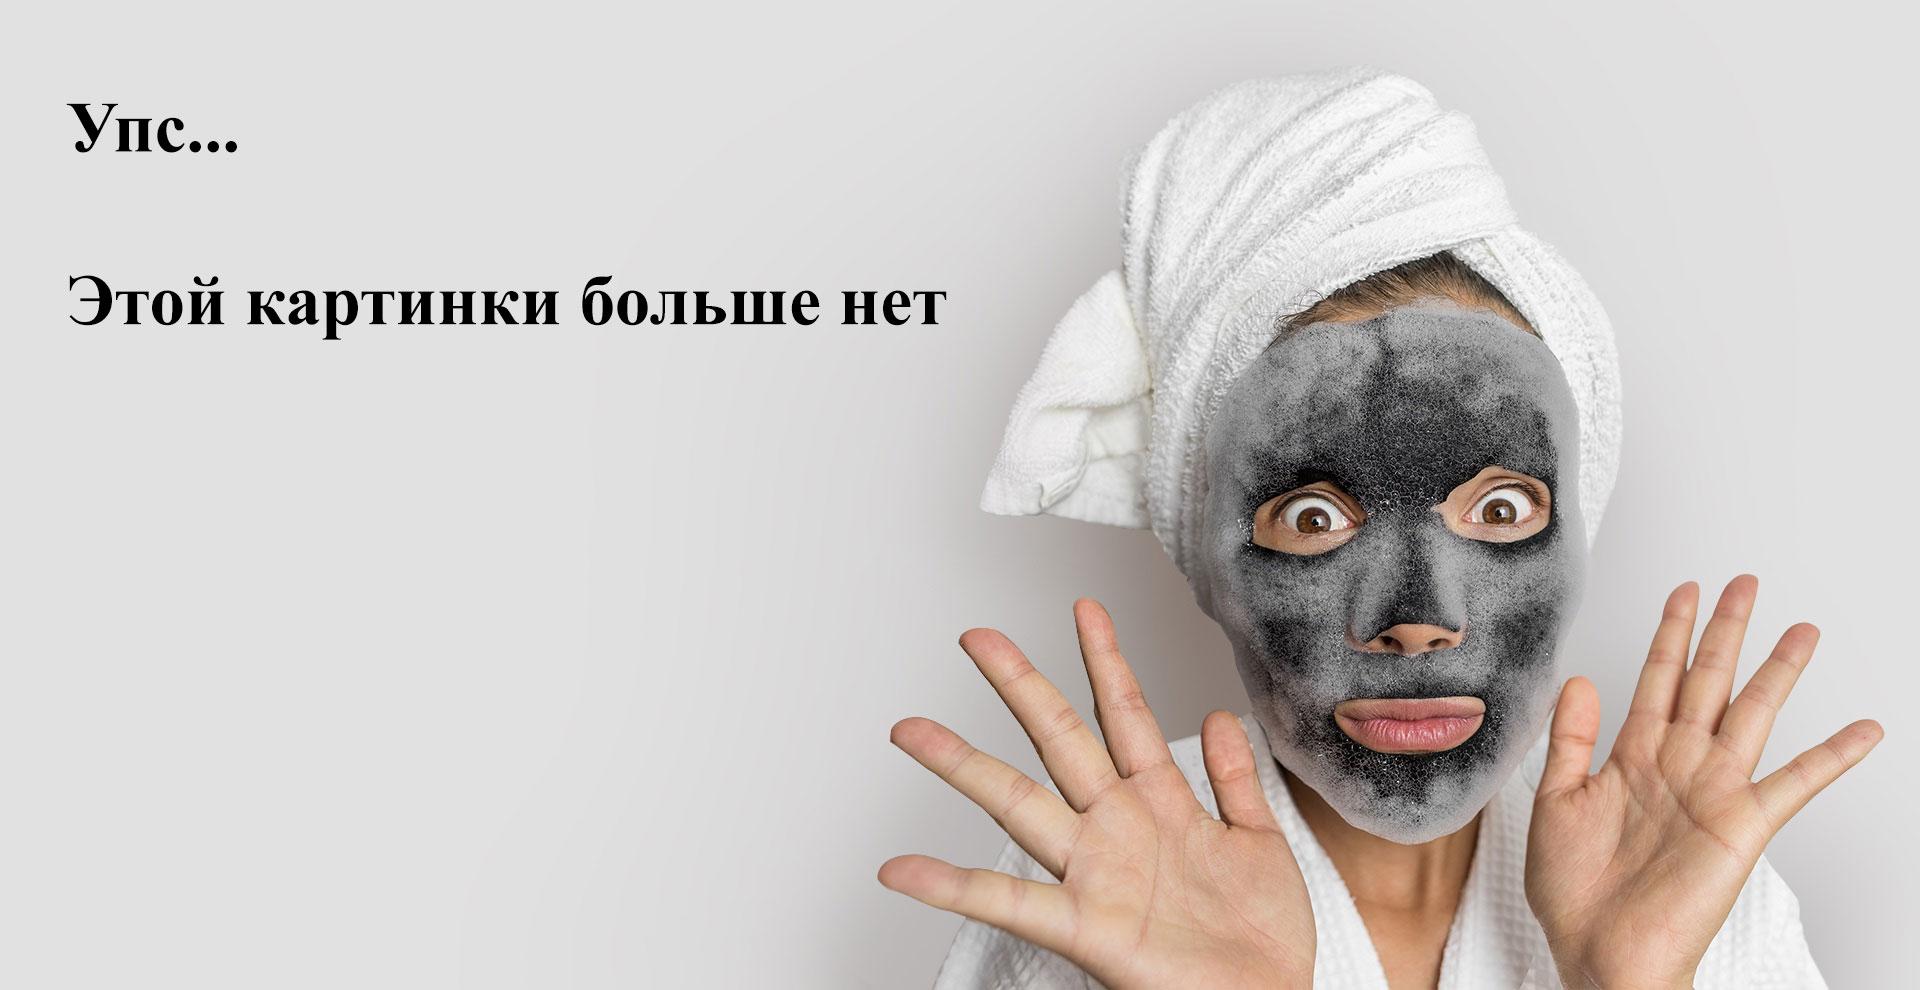 Vogue Nails, Гель-краска без липкого слоя, черная